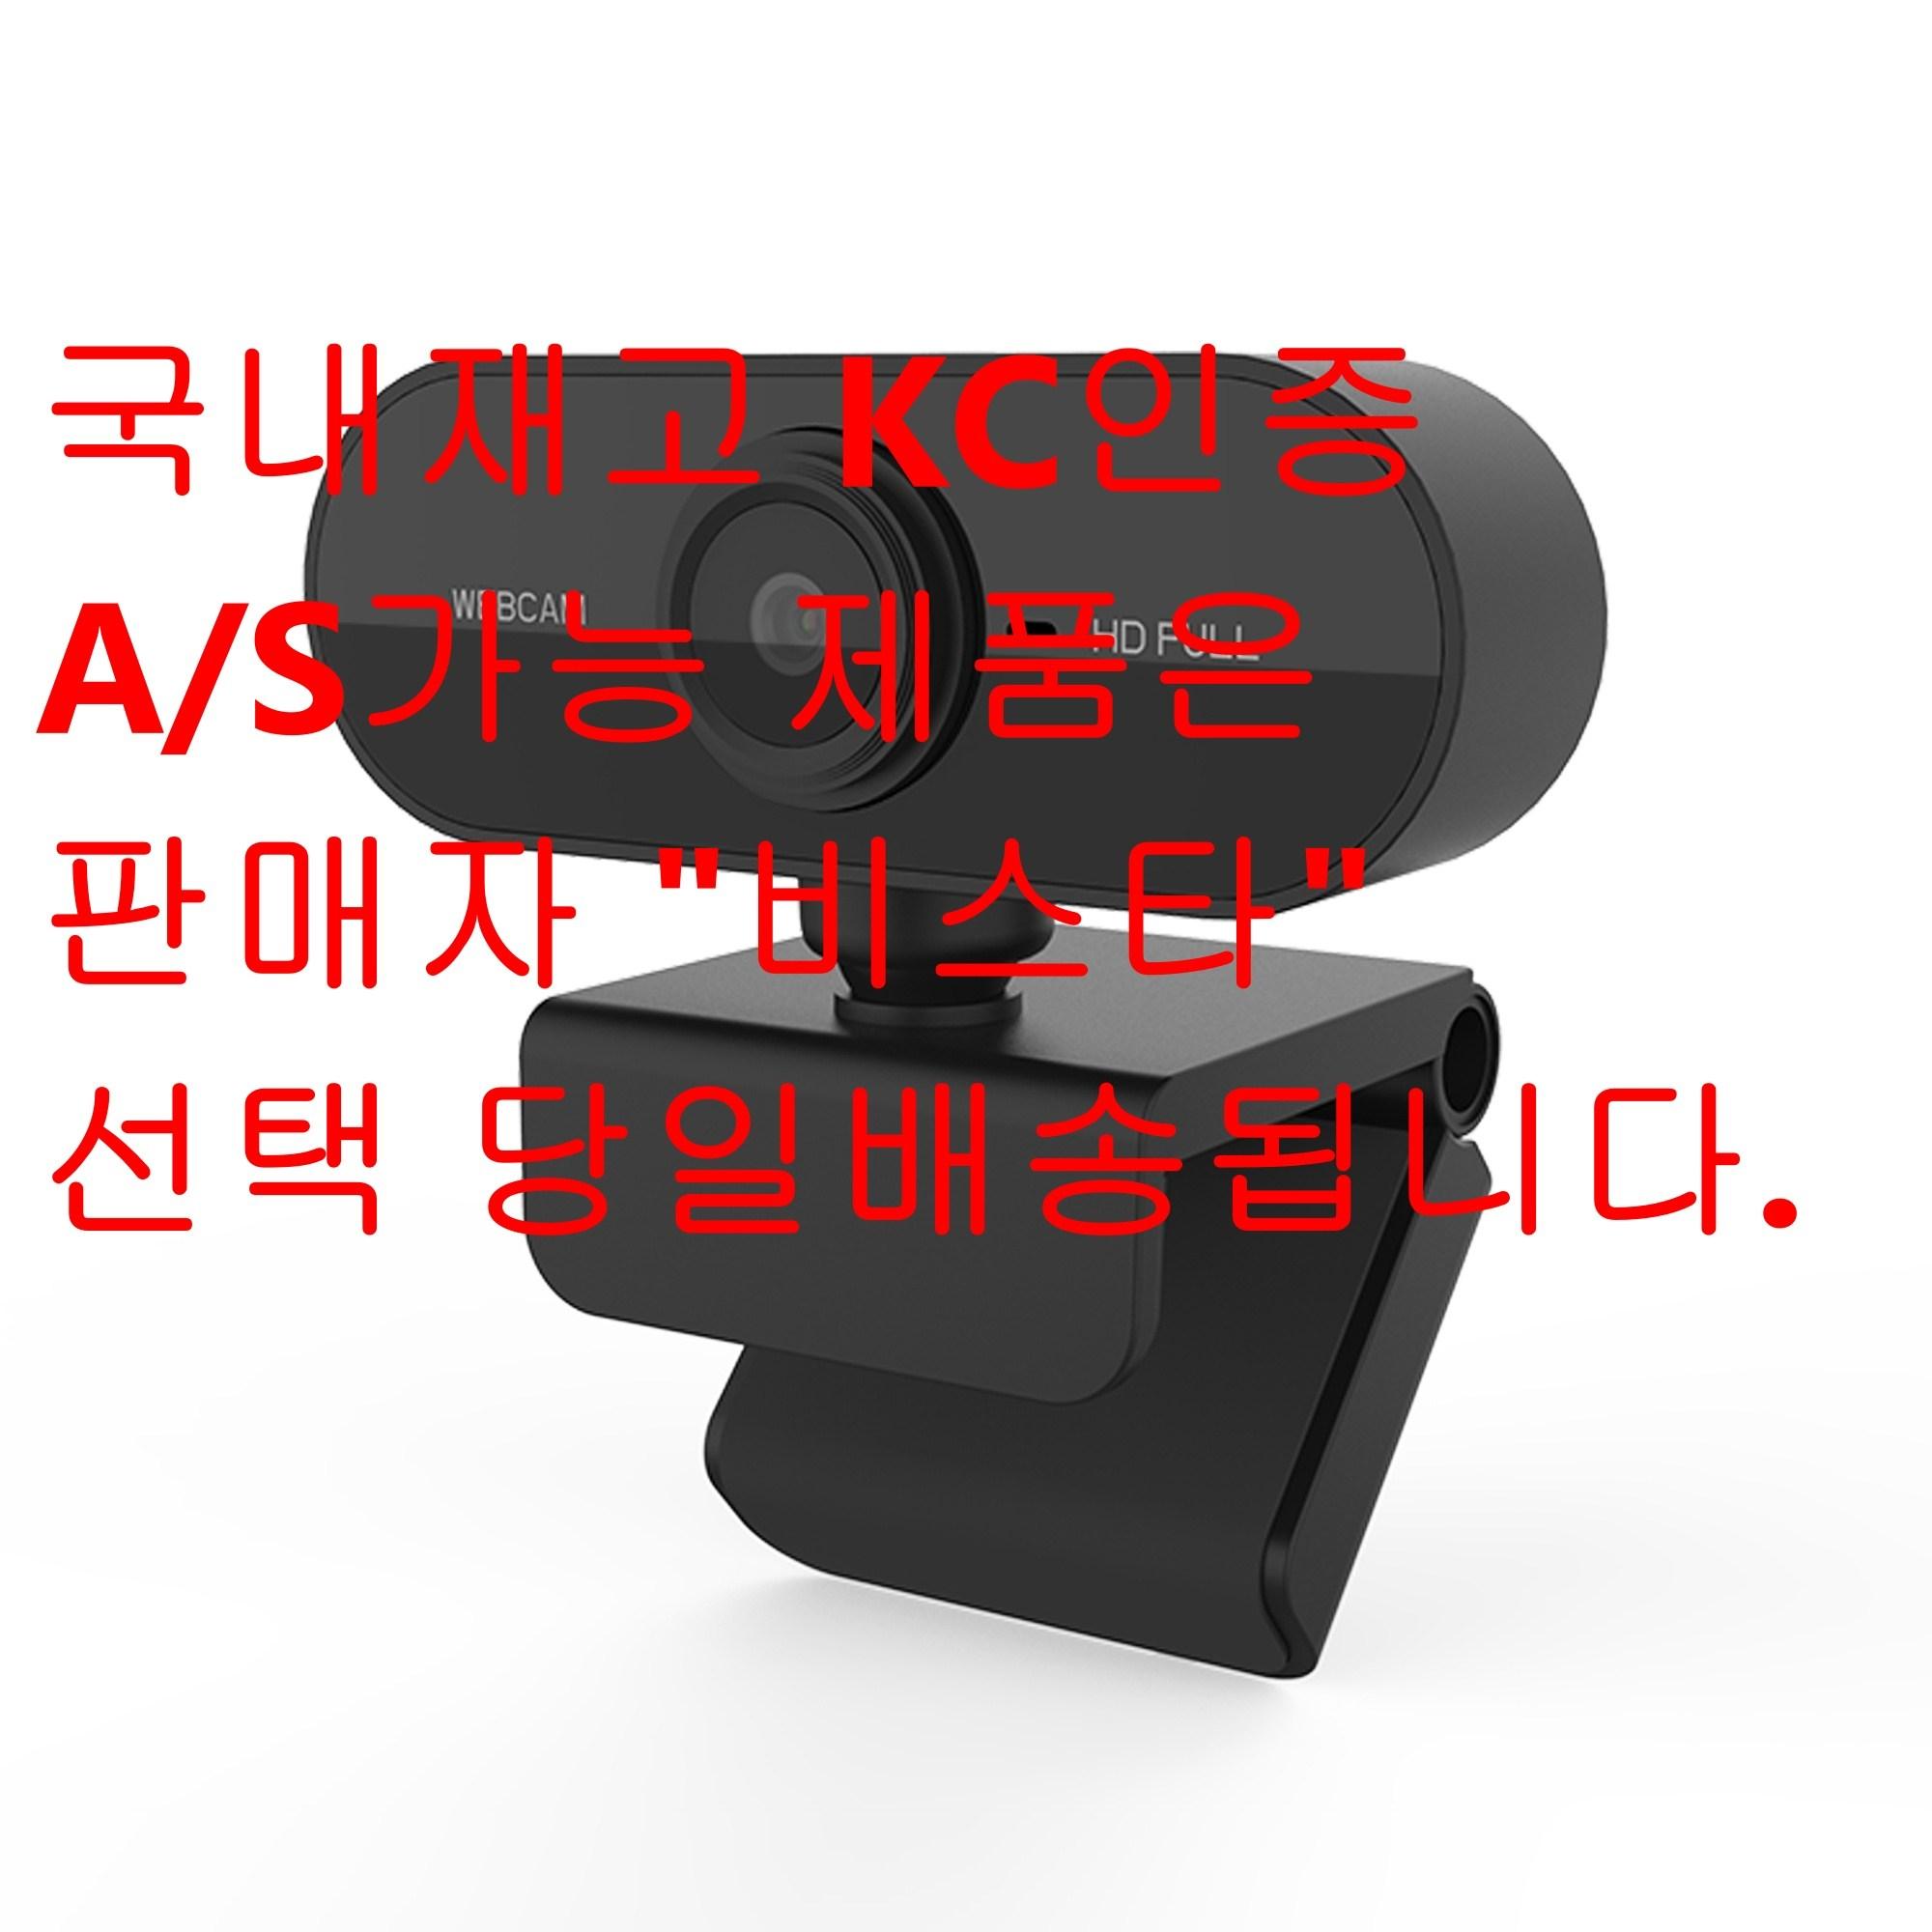 비스타 웹캠 원격강의 화상 webcam PC-01 오토포커싱 FULL HD 1080P 픽셀 자동초점 마이크내장 Window Win7 8 10 Mac fc인증 국내당일배송, 블랙